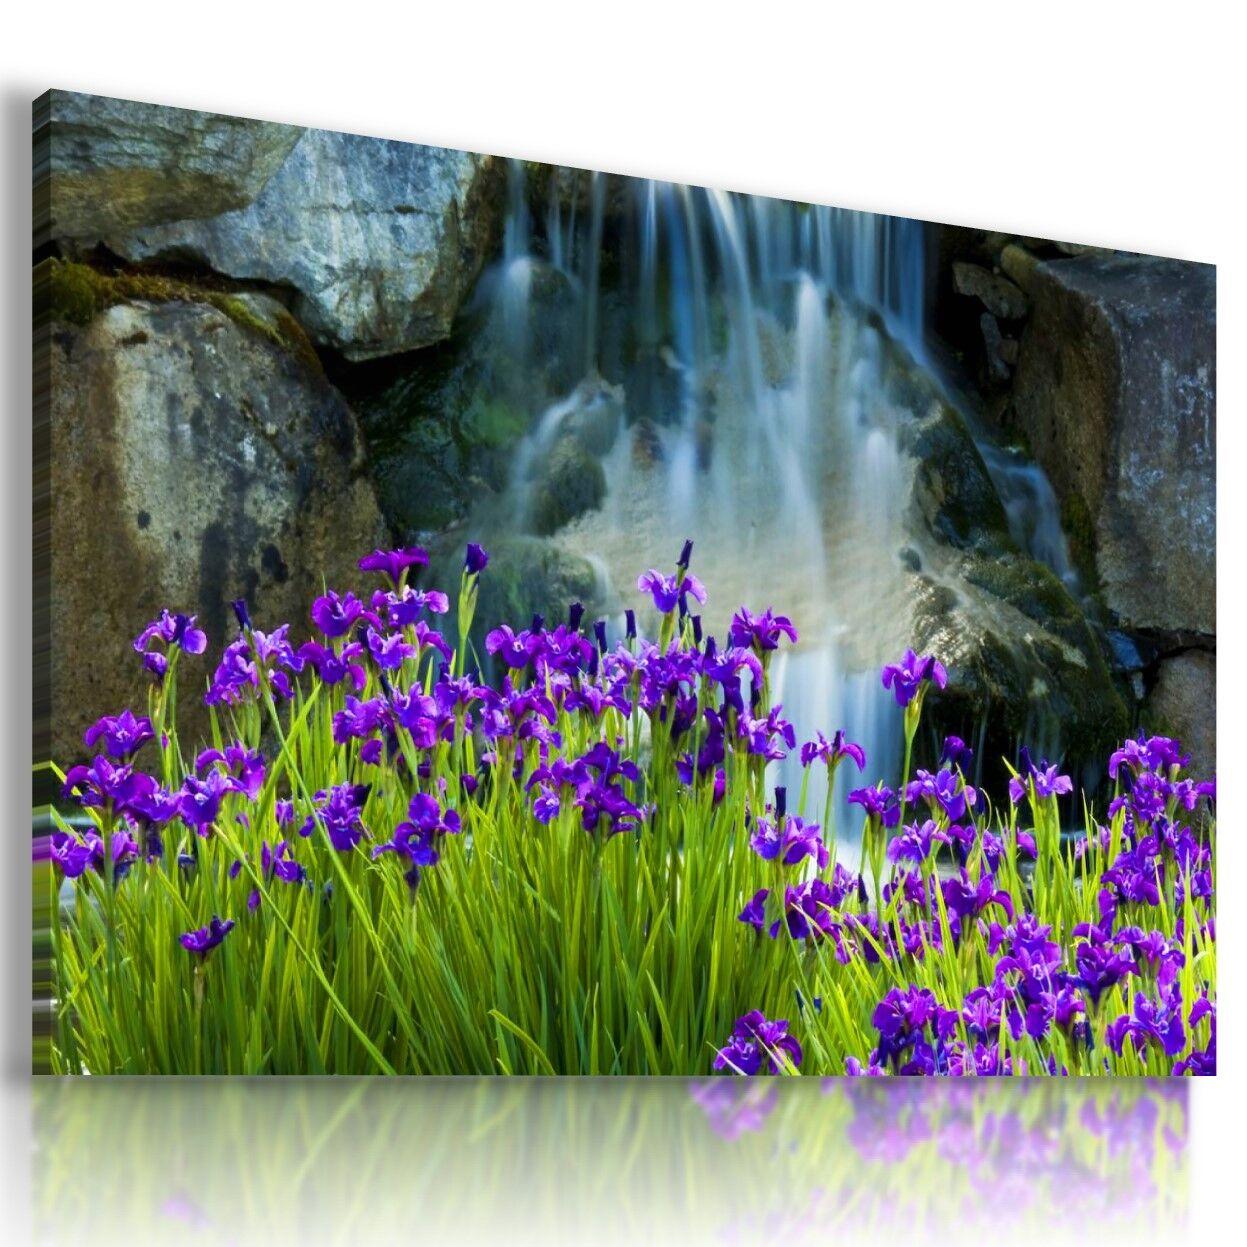 Viola Fiori A Cascata A cascata a muro ARTE foto LARGE L482 mataga.